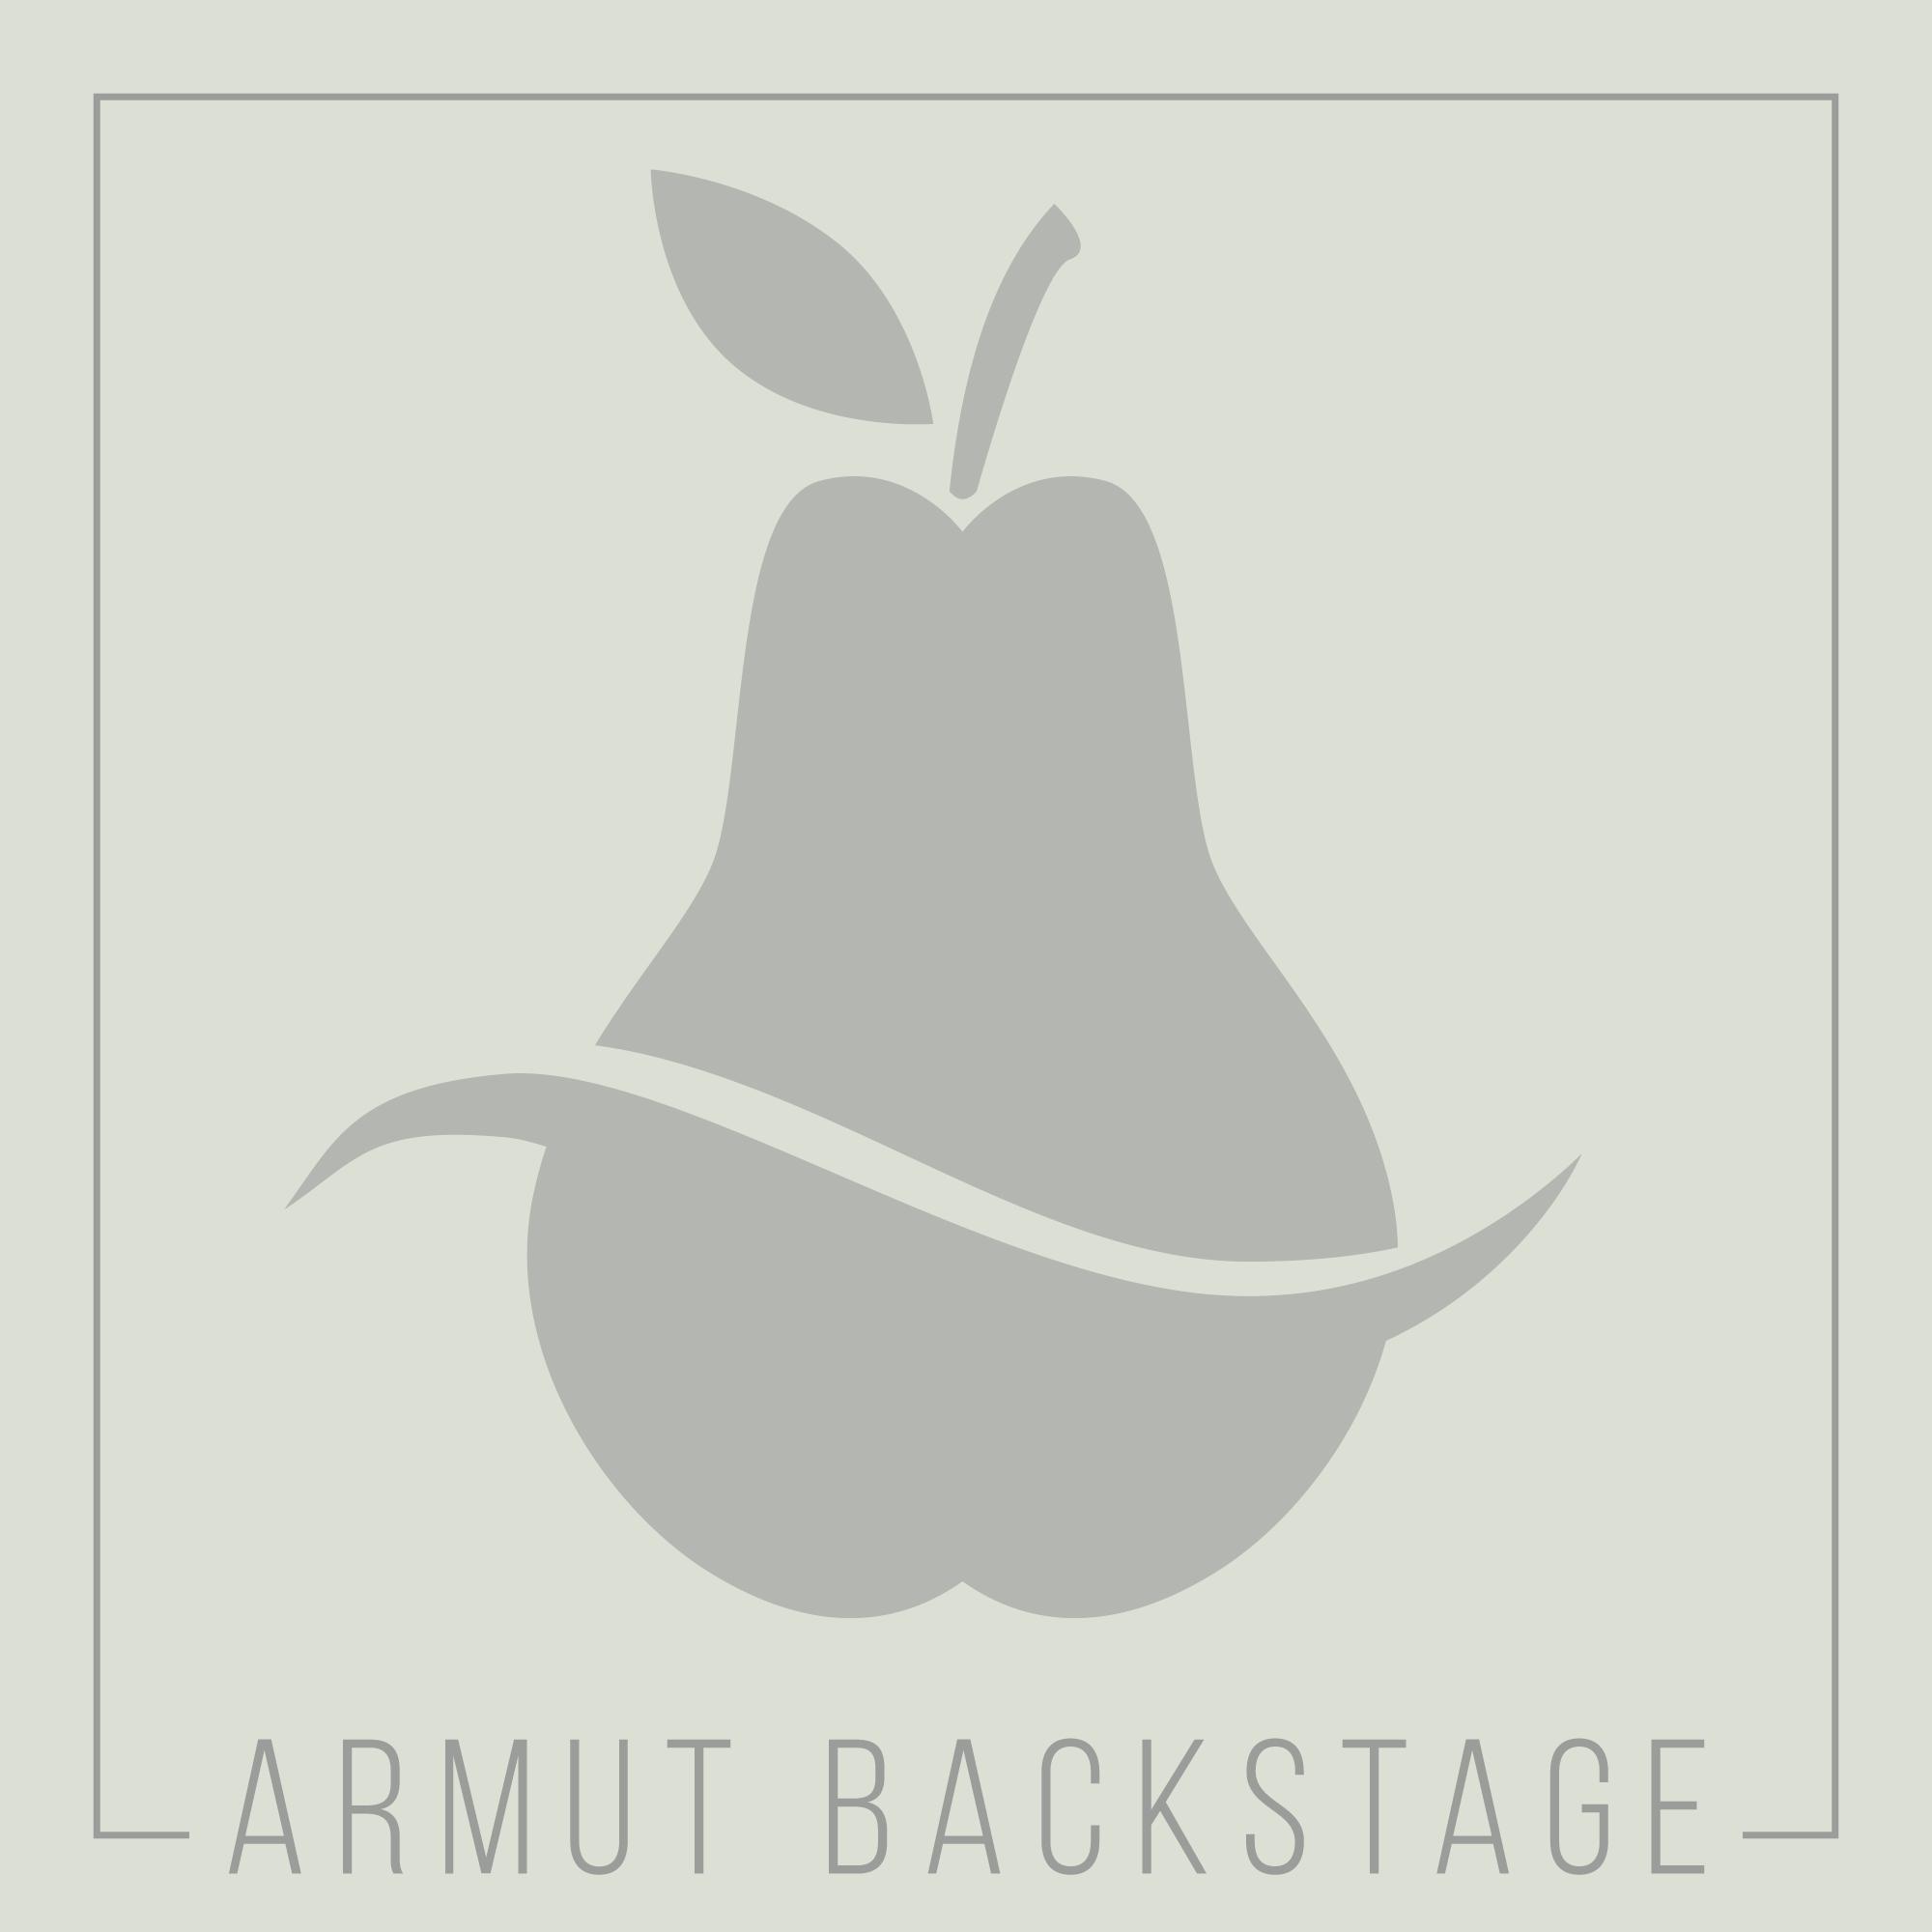 jason-b-graham-armut-backstage